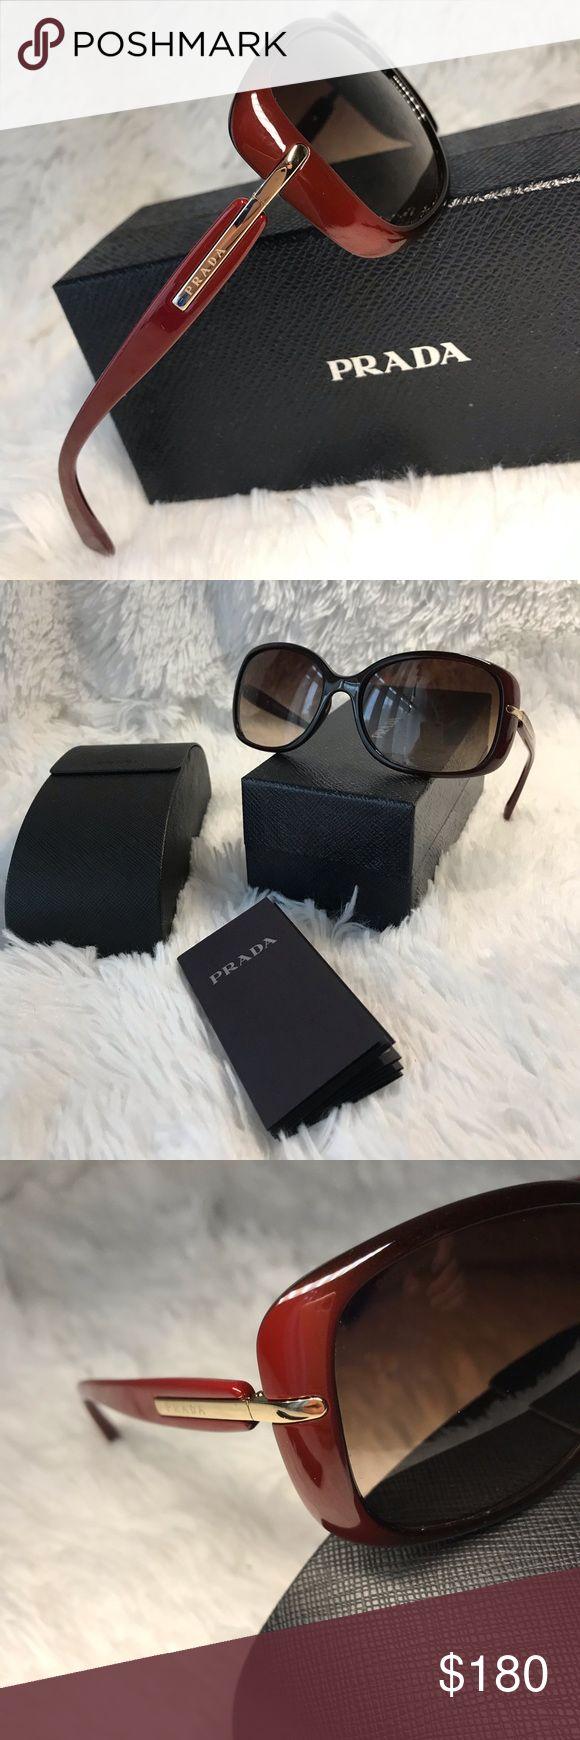 Prada-Sonnenbrille Absolut wunderschöne Prada-Sonnenbrille Brandneues Prada-Zubehör …